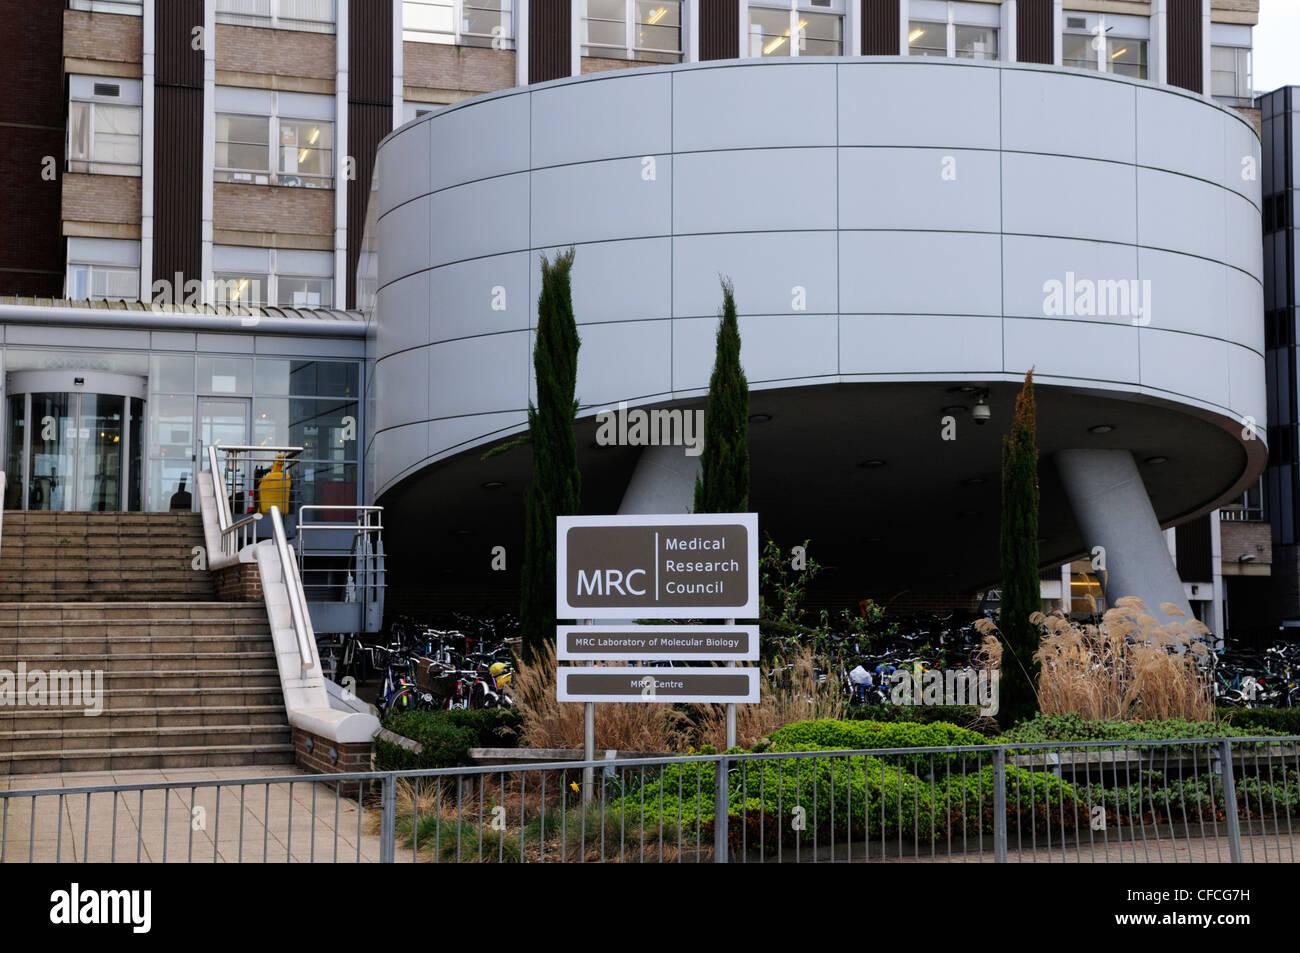 MRC Consejo de Investigaciones Médicas del Laboratorio de Biología Molecular, Addenbrookes Hospital Sitio, Imagen De Stock